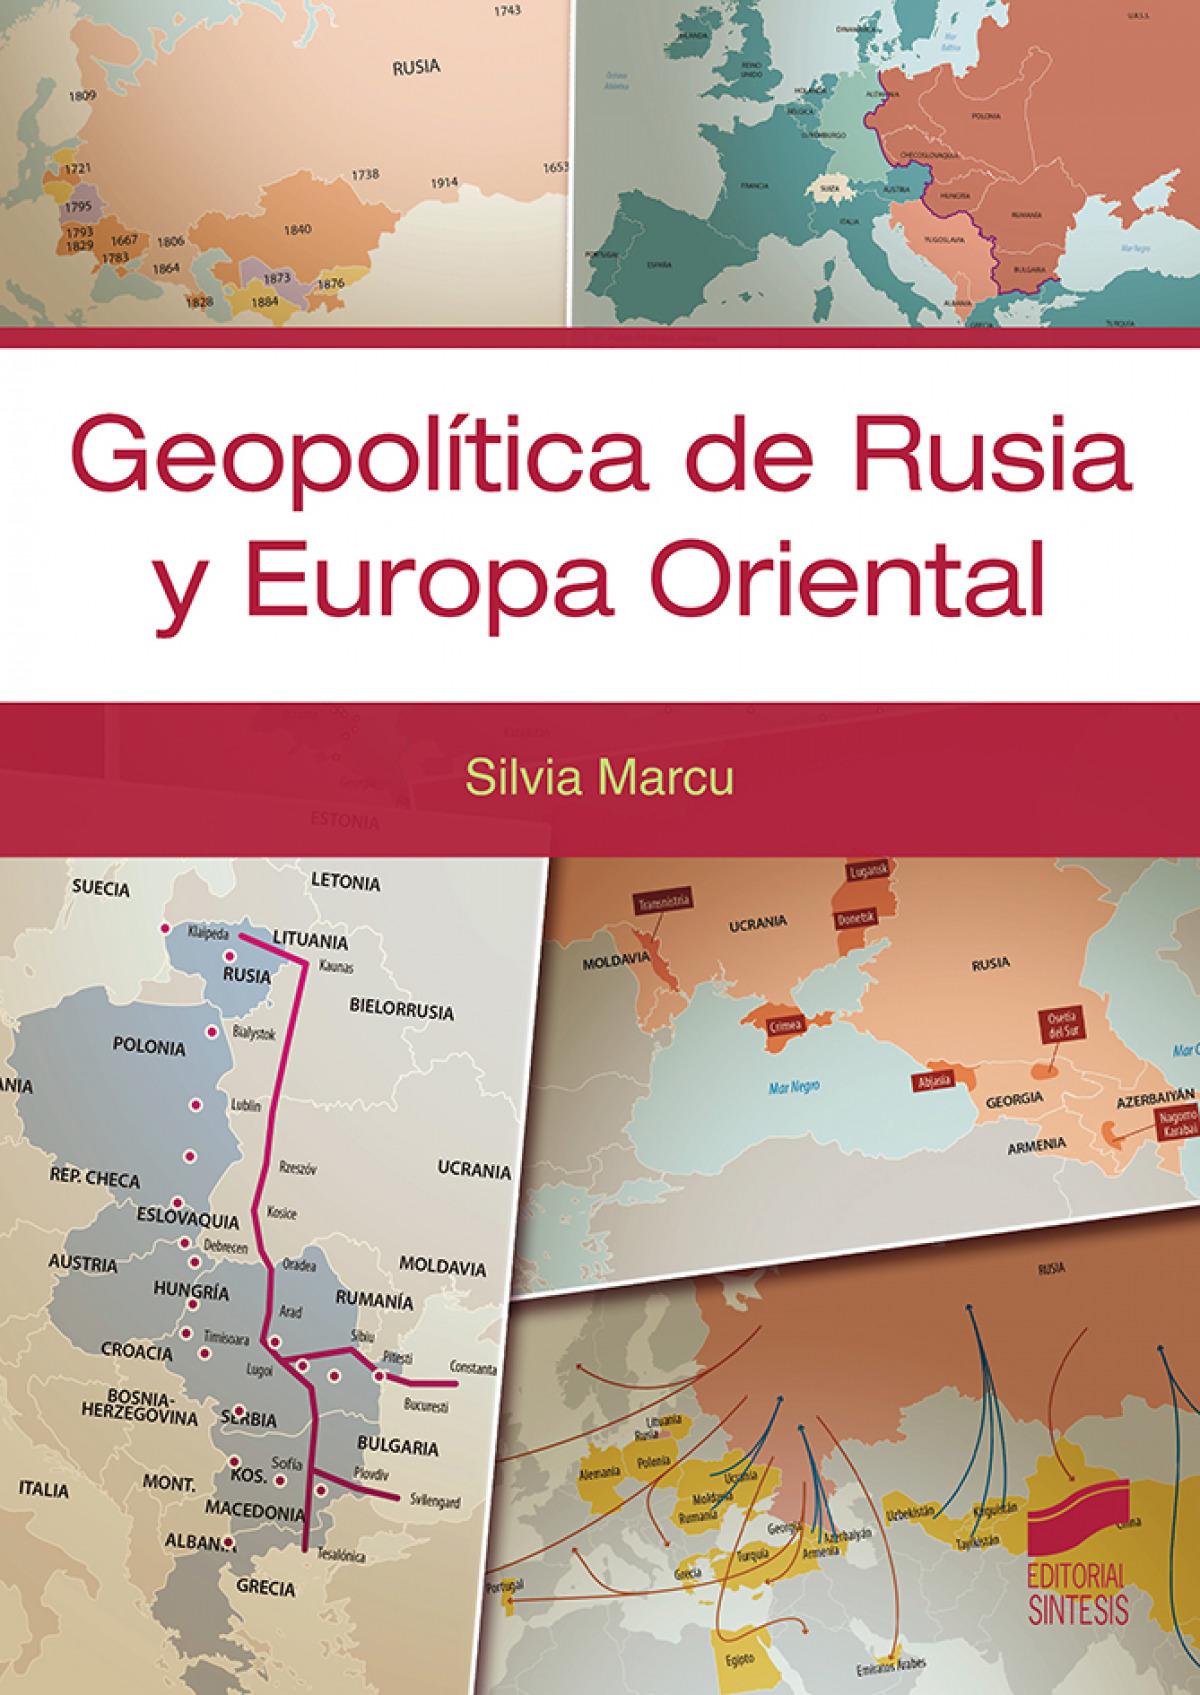 GEOPOLITICA DE RUSIA Y EUROPA ORIENTAL